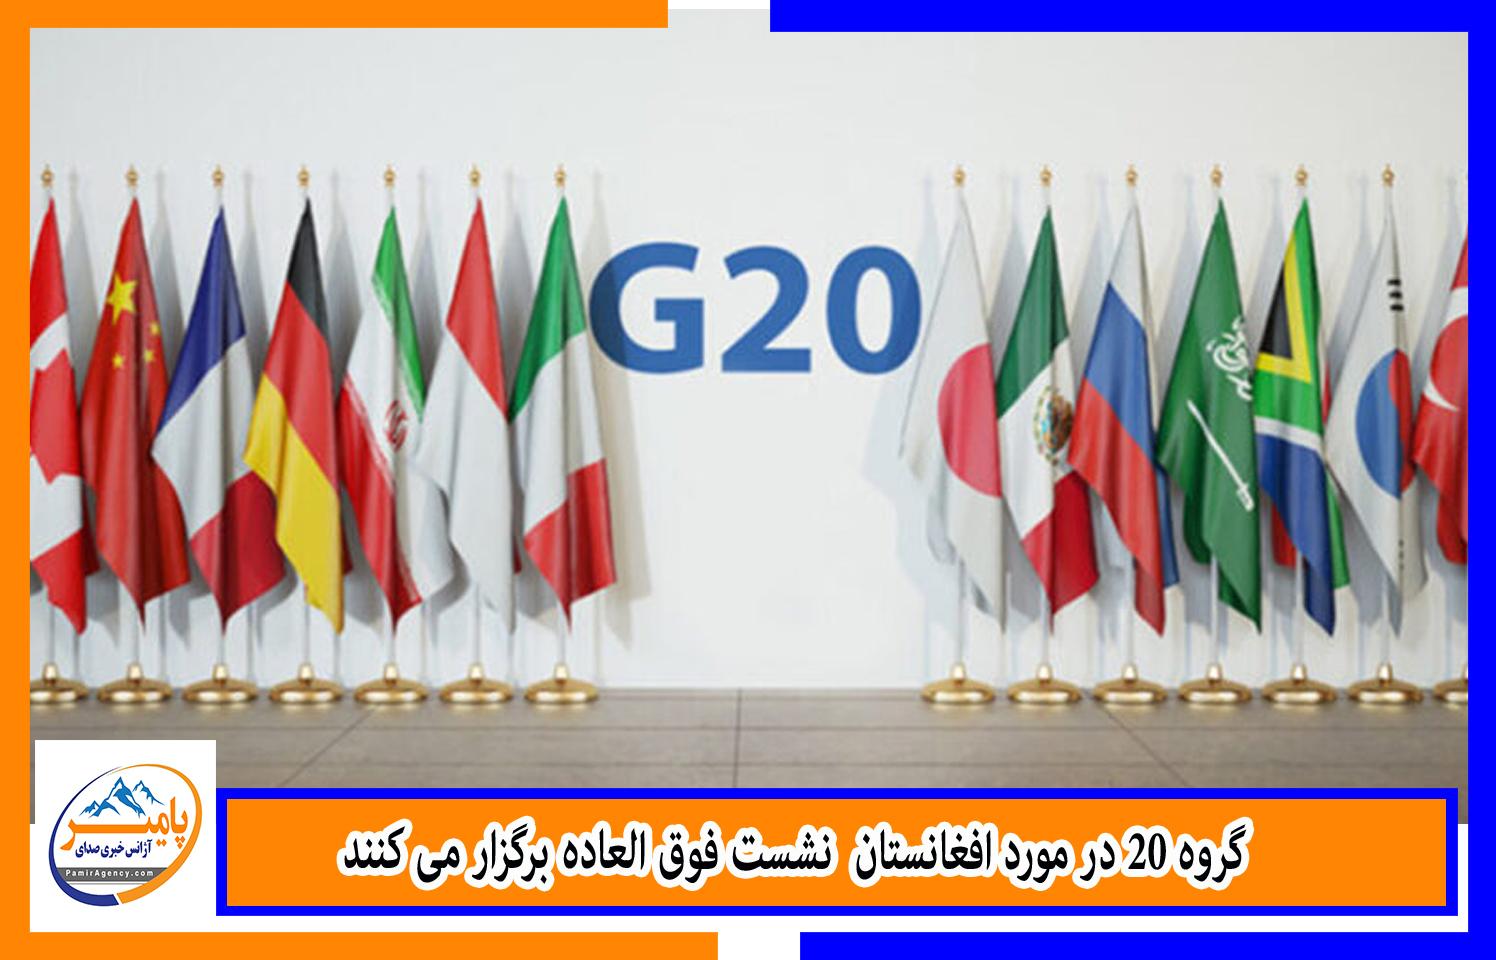 گروه ۲۰ در مورد افغانستان نشست فوق العاده برگزار می کنند